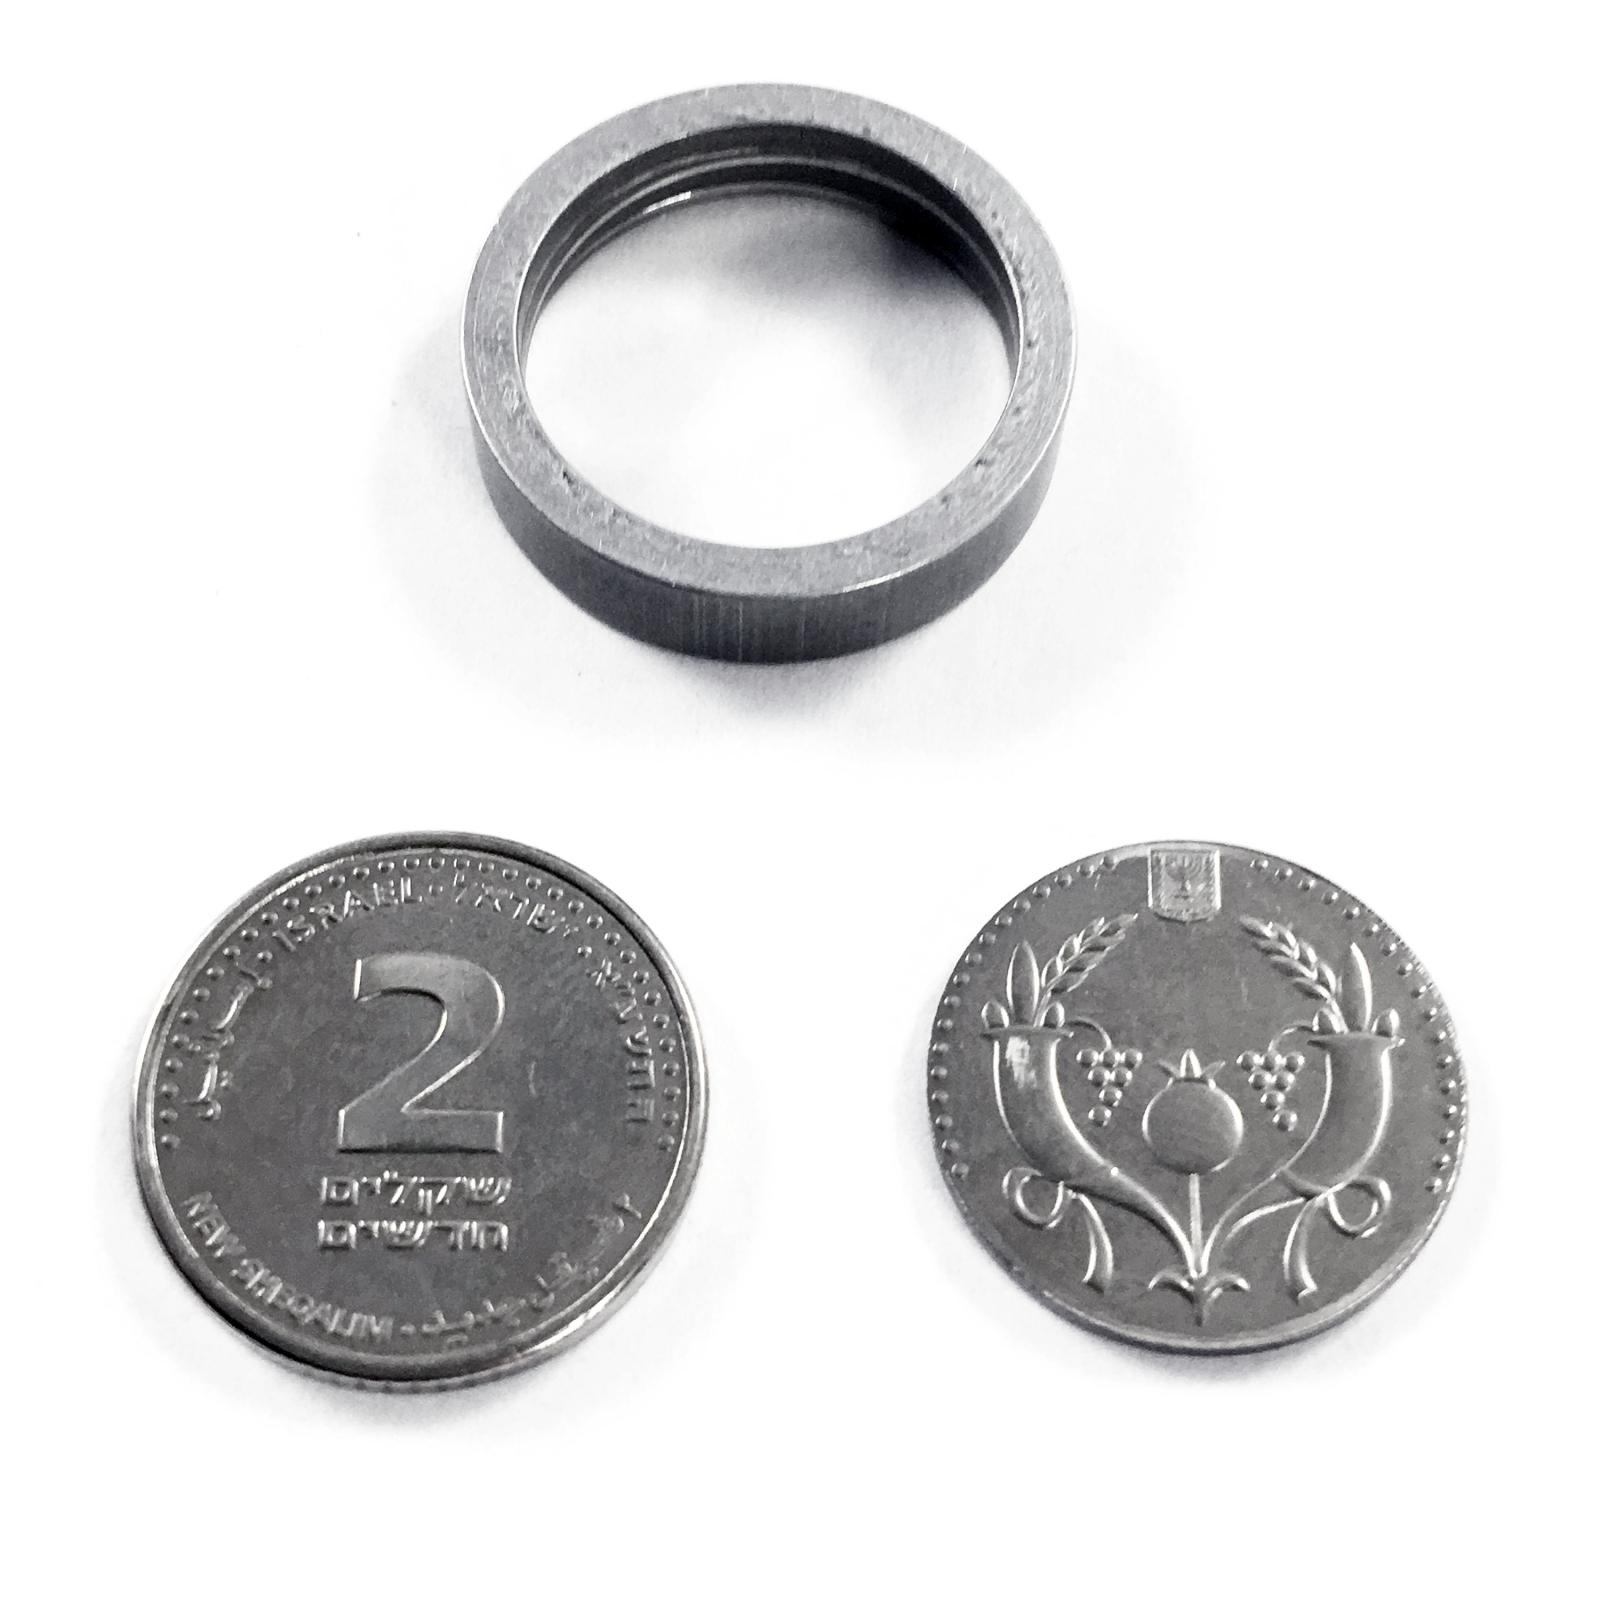 Micro SD Secret Compartment Israeli 2 Shekel Coin